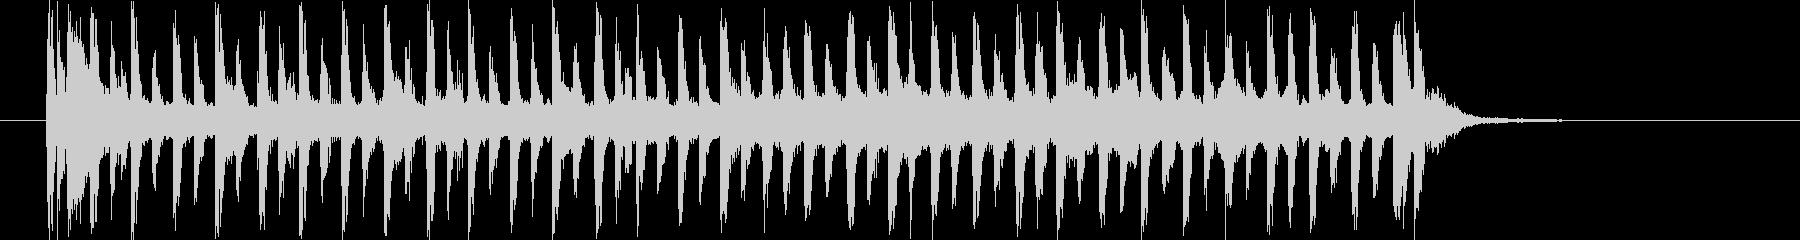 リズミカルでエレクトーンが印象的なBGMの未再生の波形